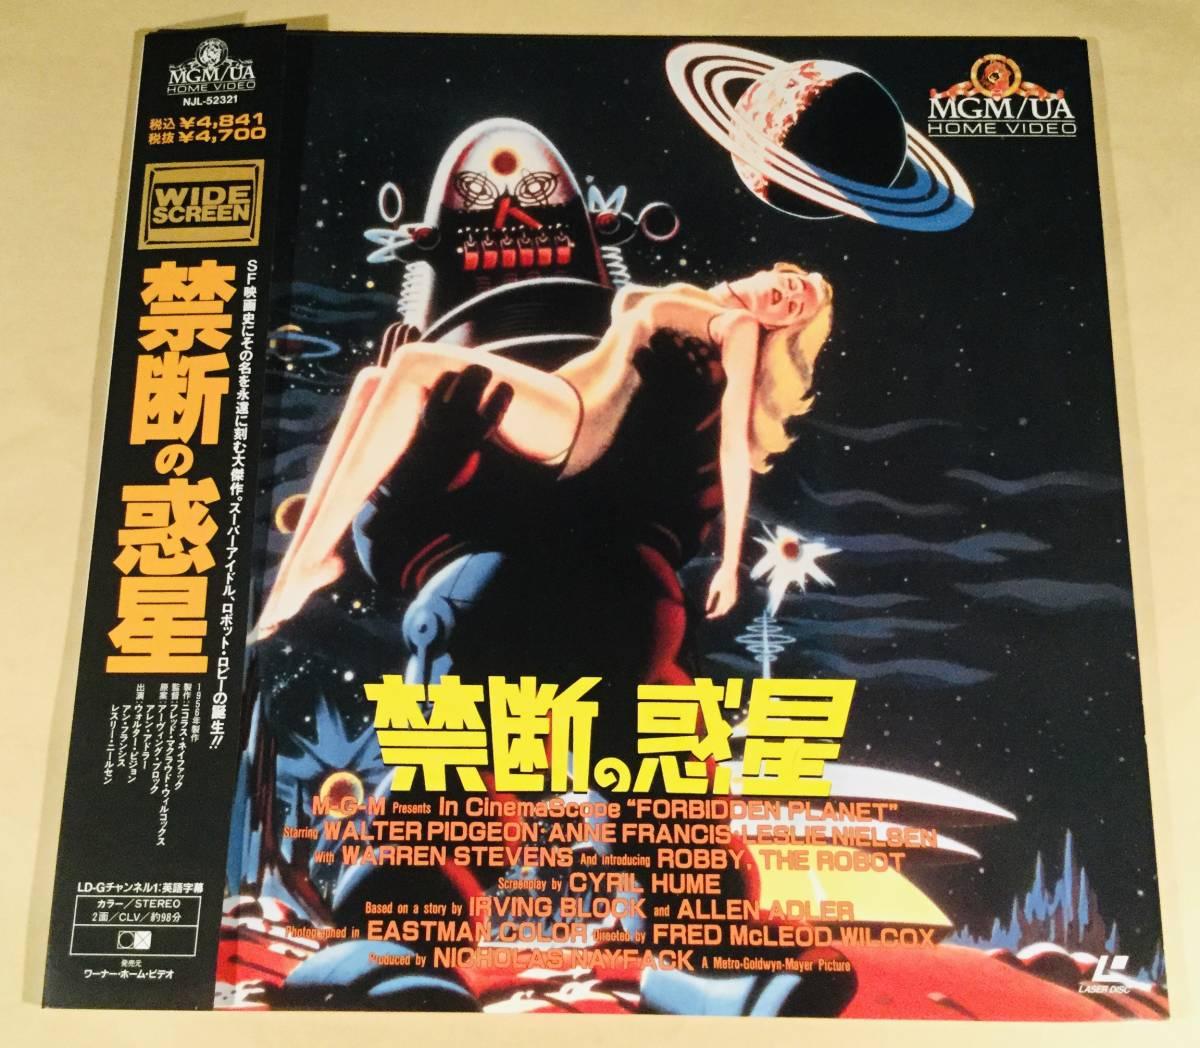 LD(レーザー)■『禁断の惑星』空想科学SF映画の決定版■帯付美品!_画像1